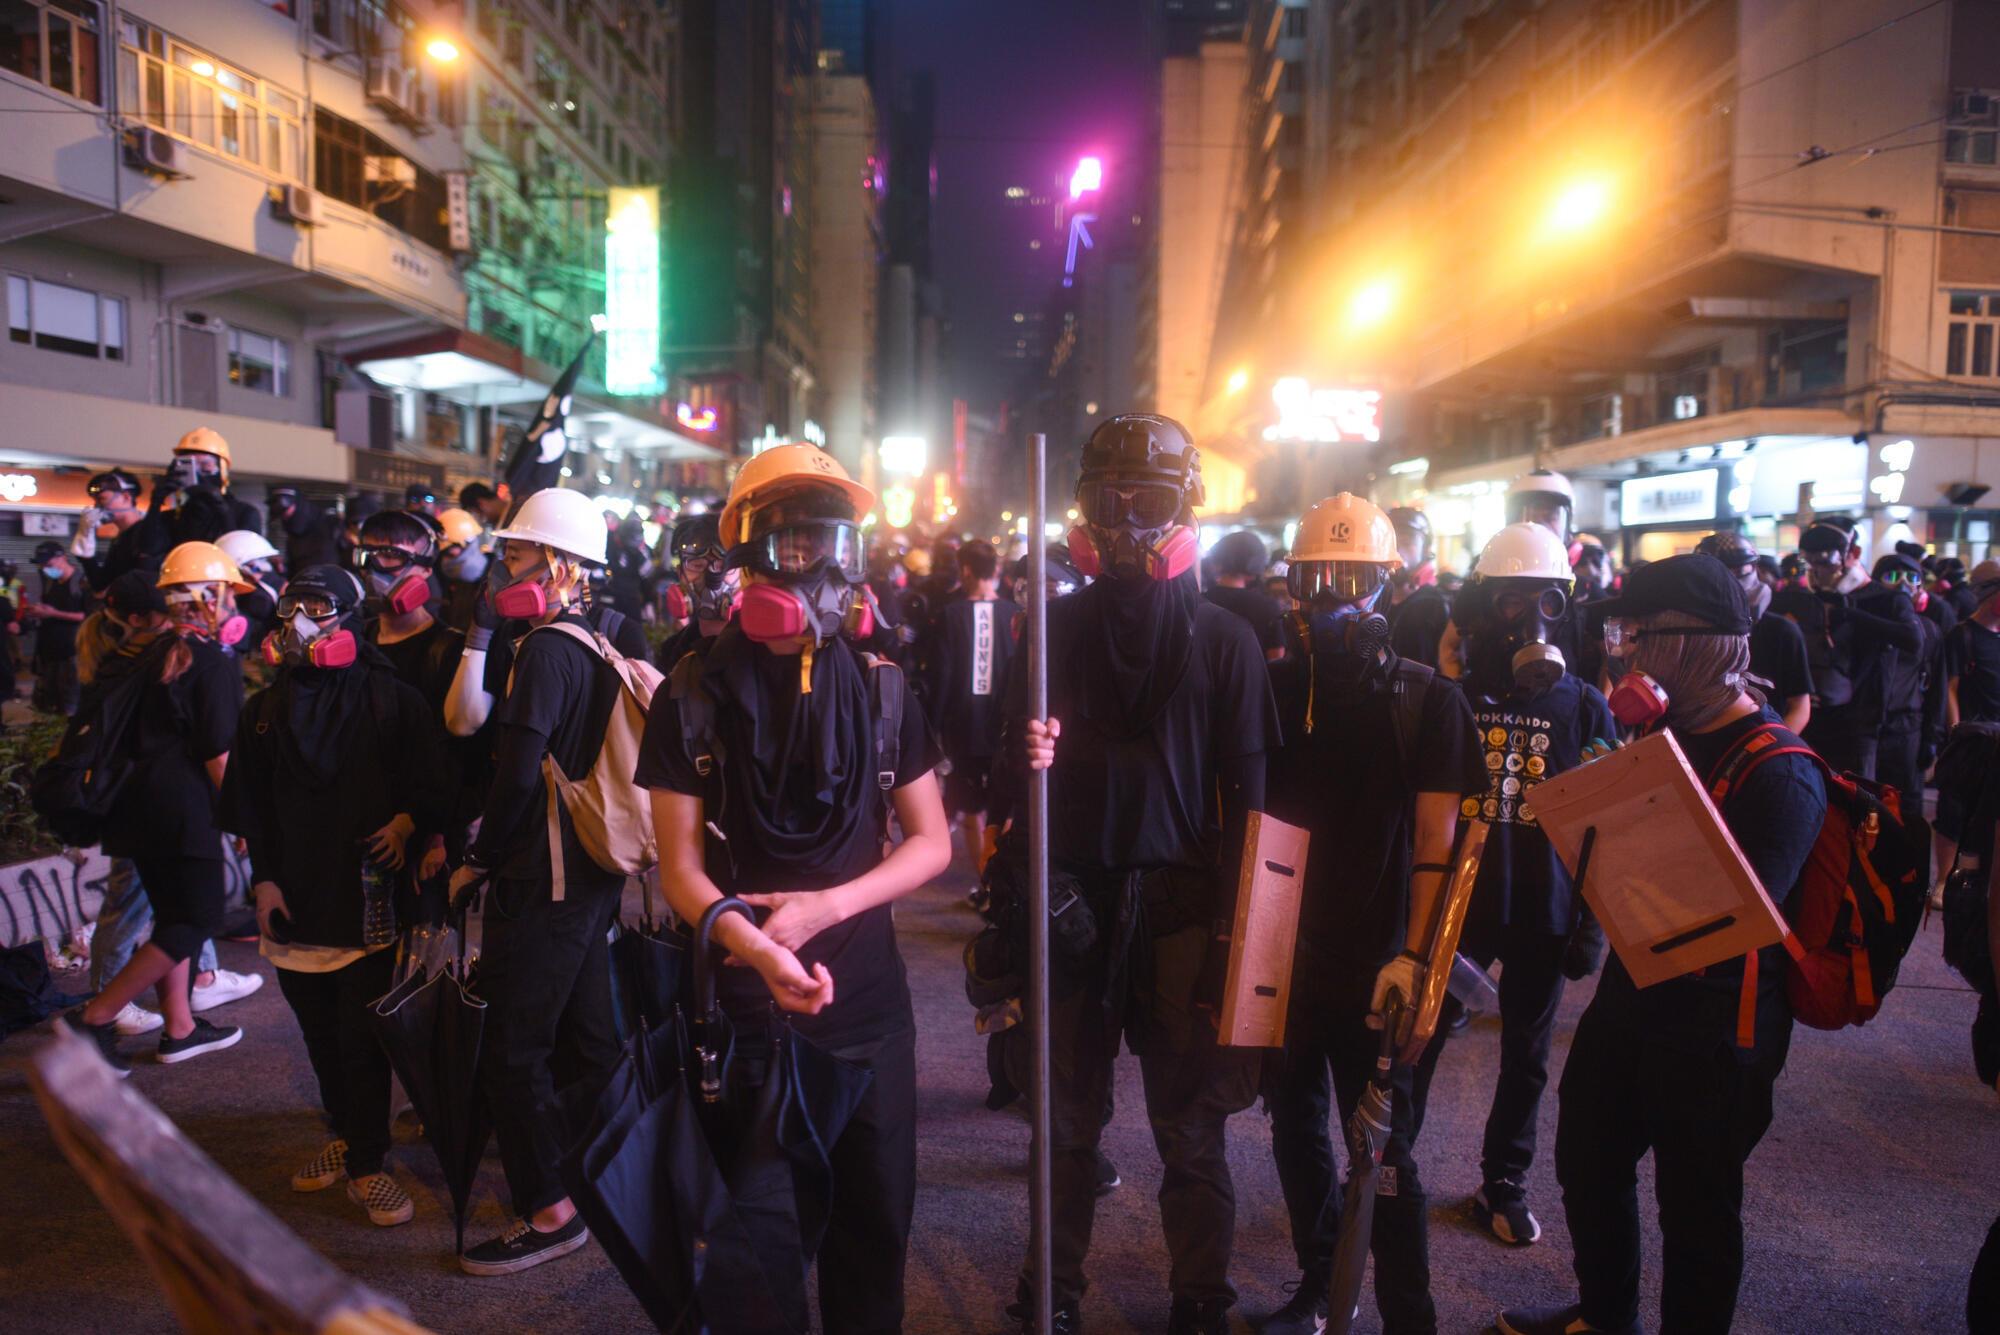 Des manifestants portent des masques à gaz, des casques et d'autres équipements de protection lors d'une manifestation à Hong Kong en septembre 2019.